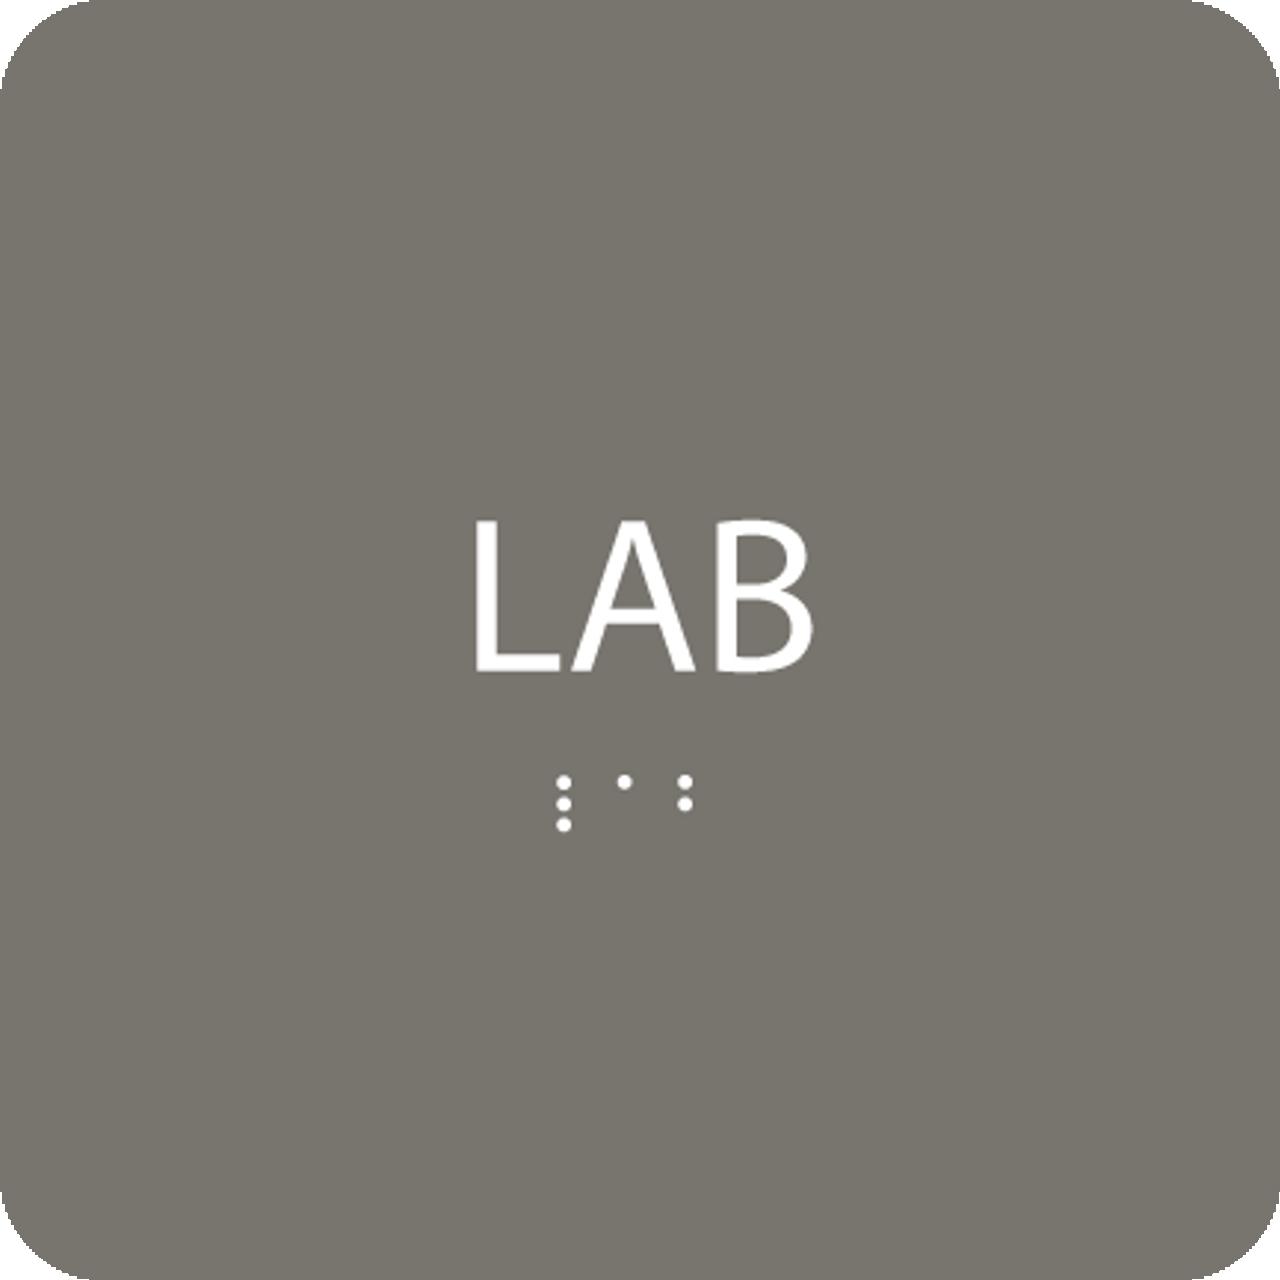 Grey Lab ADA Sign